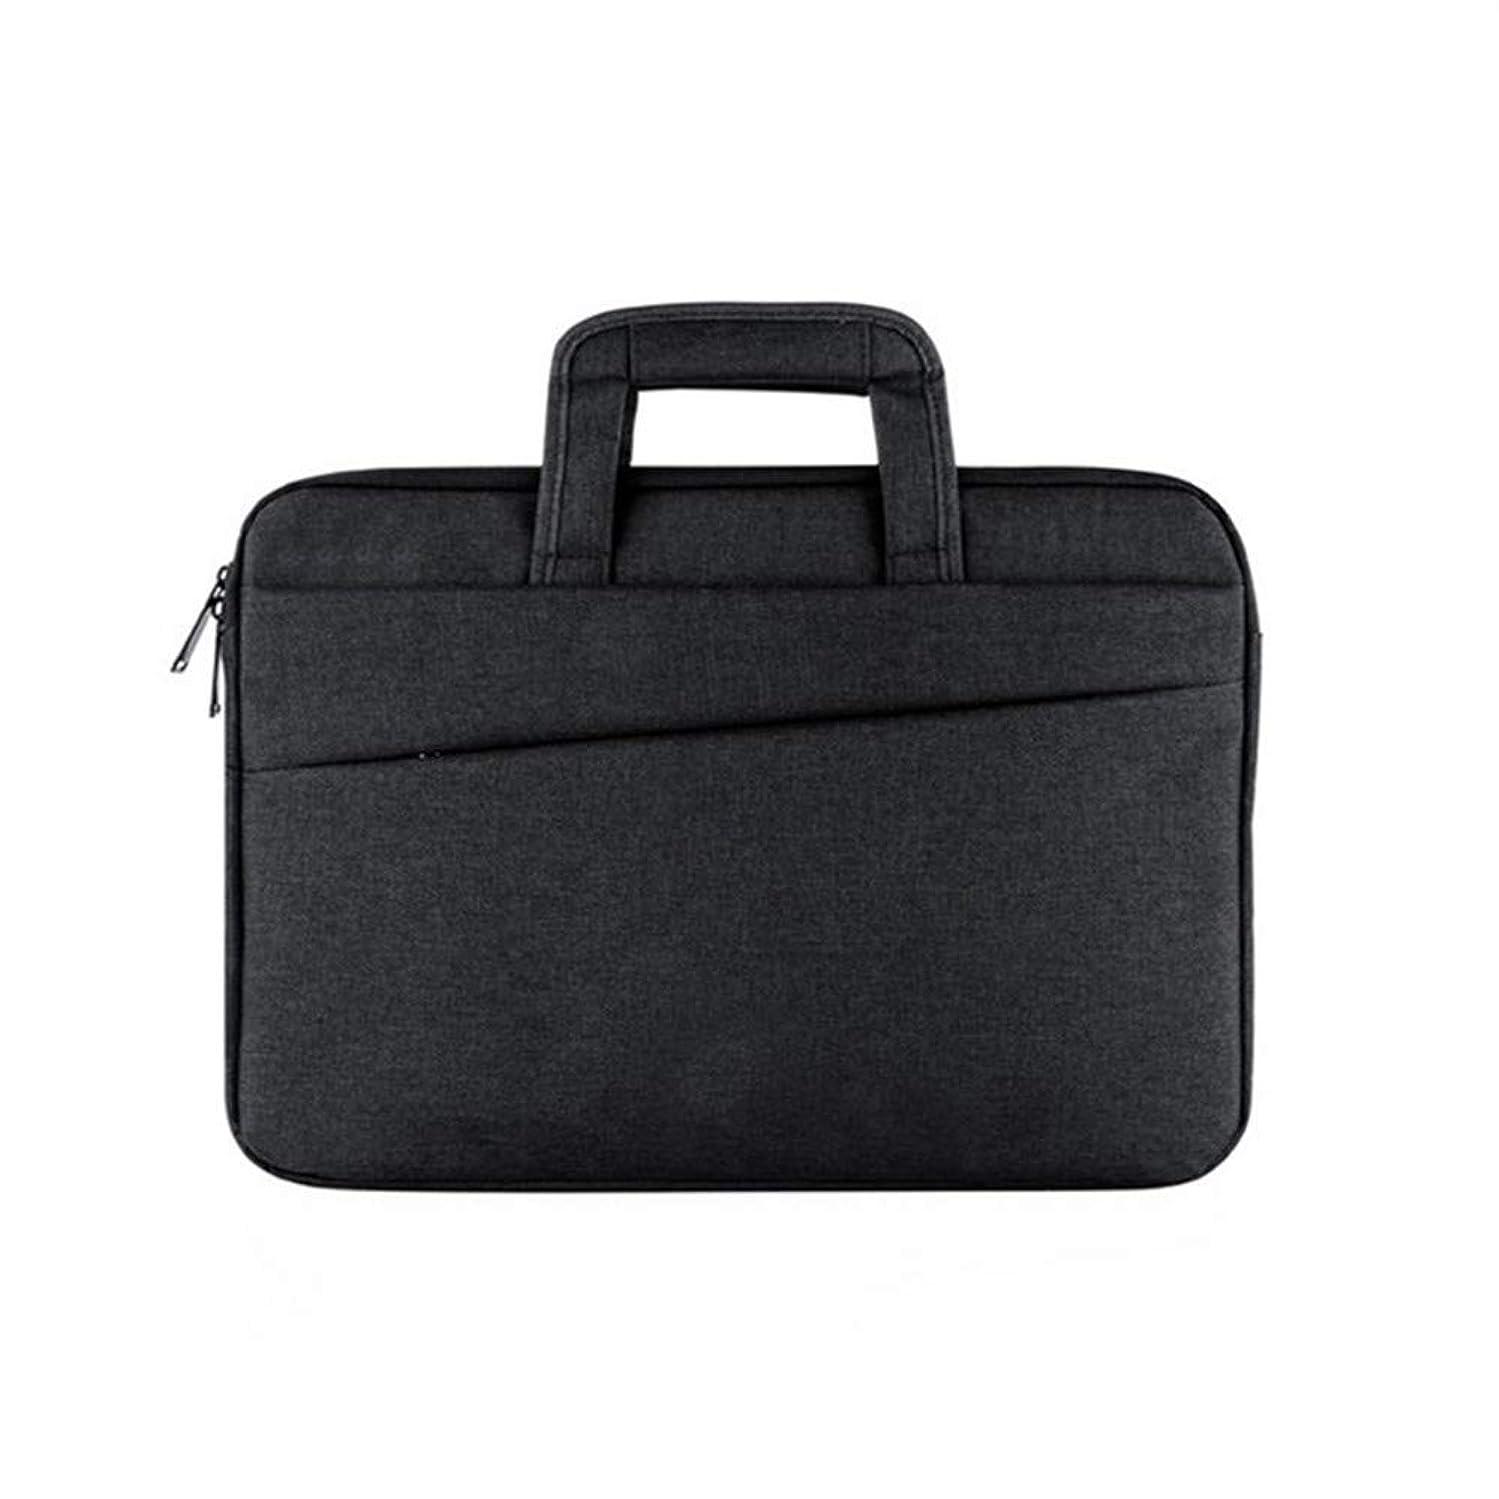 KIMIBen-CMB Laptop Briefcase, Men's Nylon Laptop Bag Waterproof Notebook Shoulder Messenger Bag Light Business Briefcase Travel and Luggage Bag Crossbody Shoulder Bag (Color : Black)